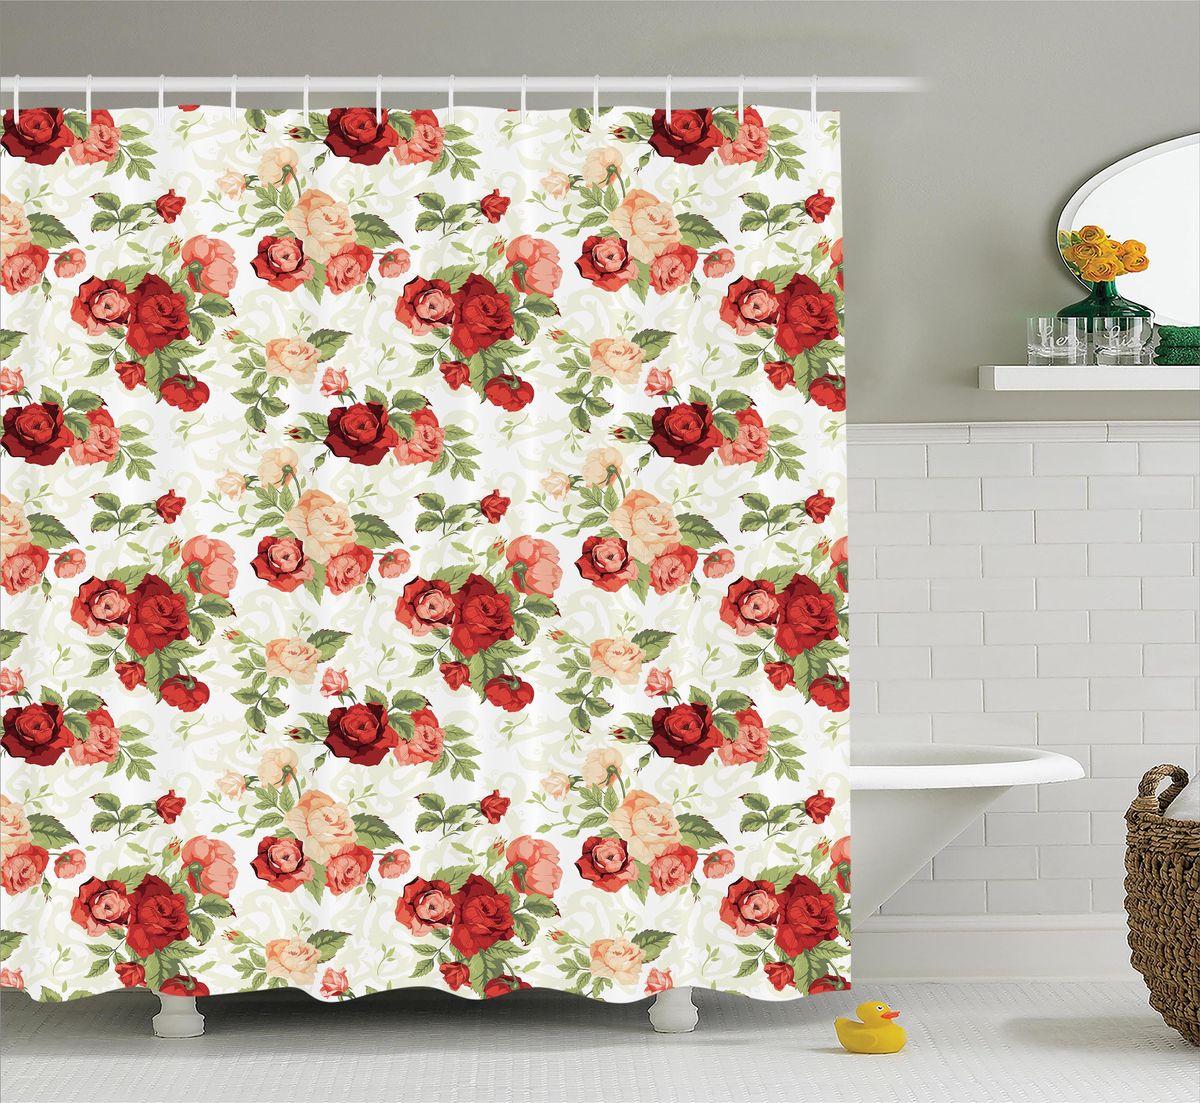 Штора для ванной комнаты Magic Lady Розы в стиле ретро, 180 х 200 см55200Штора Magic Lady Розы в стиле ретро, изготовленная из высококачественного сатена (полиэстер 100%), отлично дополнит любой интерьер ванной комнаты. При изготовлении используются специальные гипоаллергенные чернила для прямой печати по ткани, безопасные для человека.В комплекте: 1 штора, 12 крючков. Обращаем ваше внимание, фактический цвет изделия может незначительно отличаться от представленного на фото.